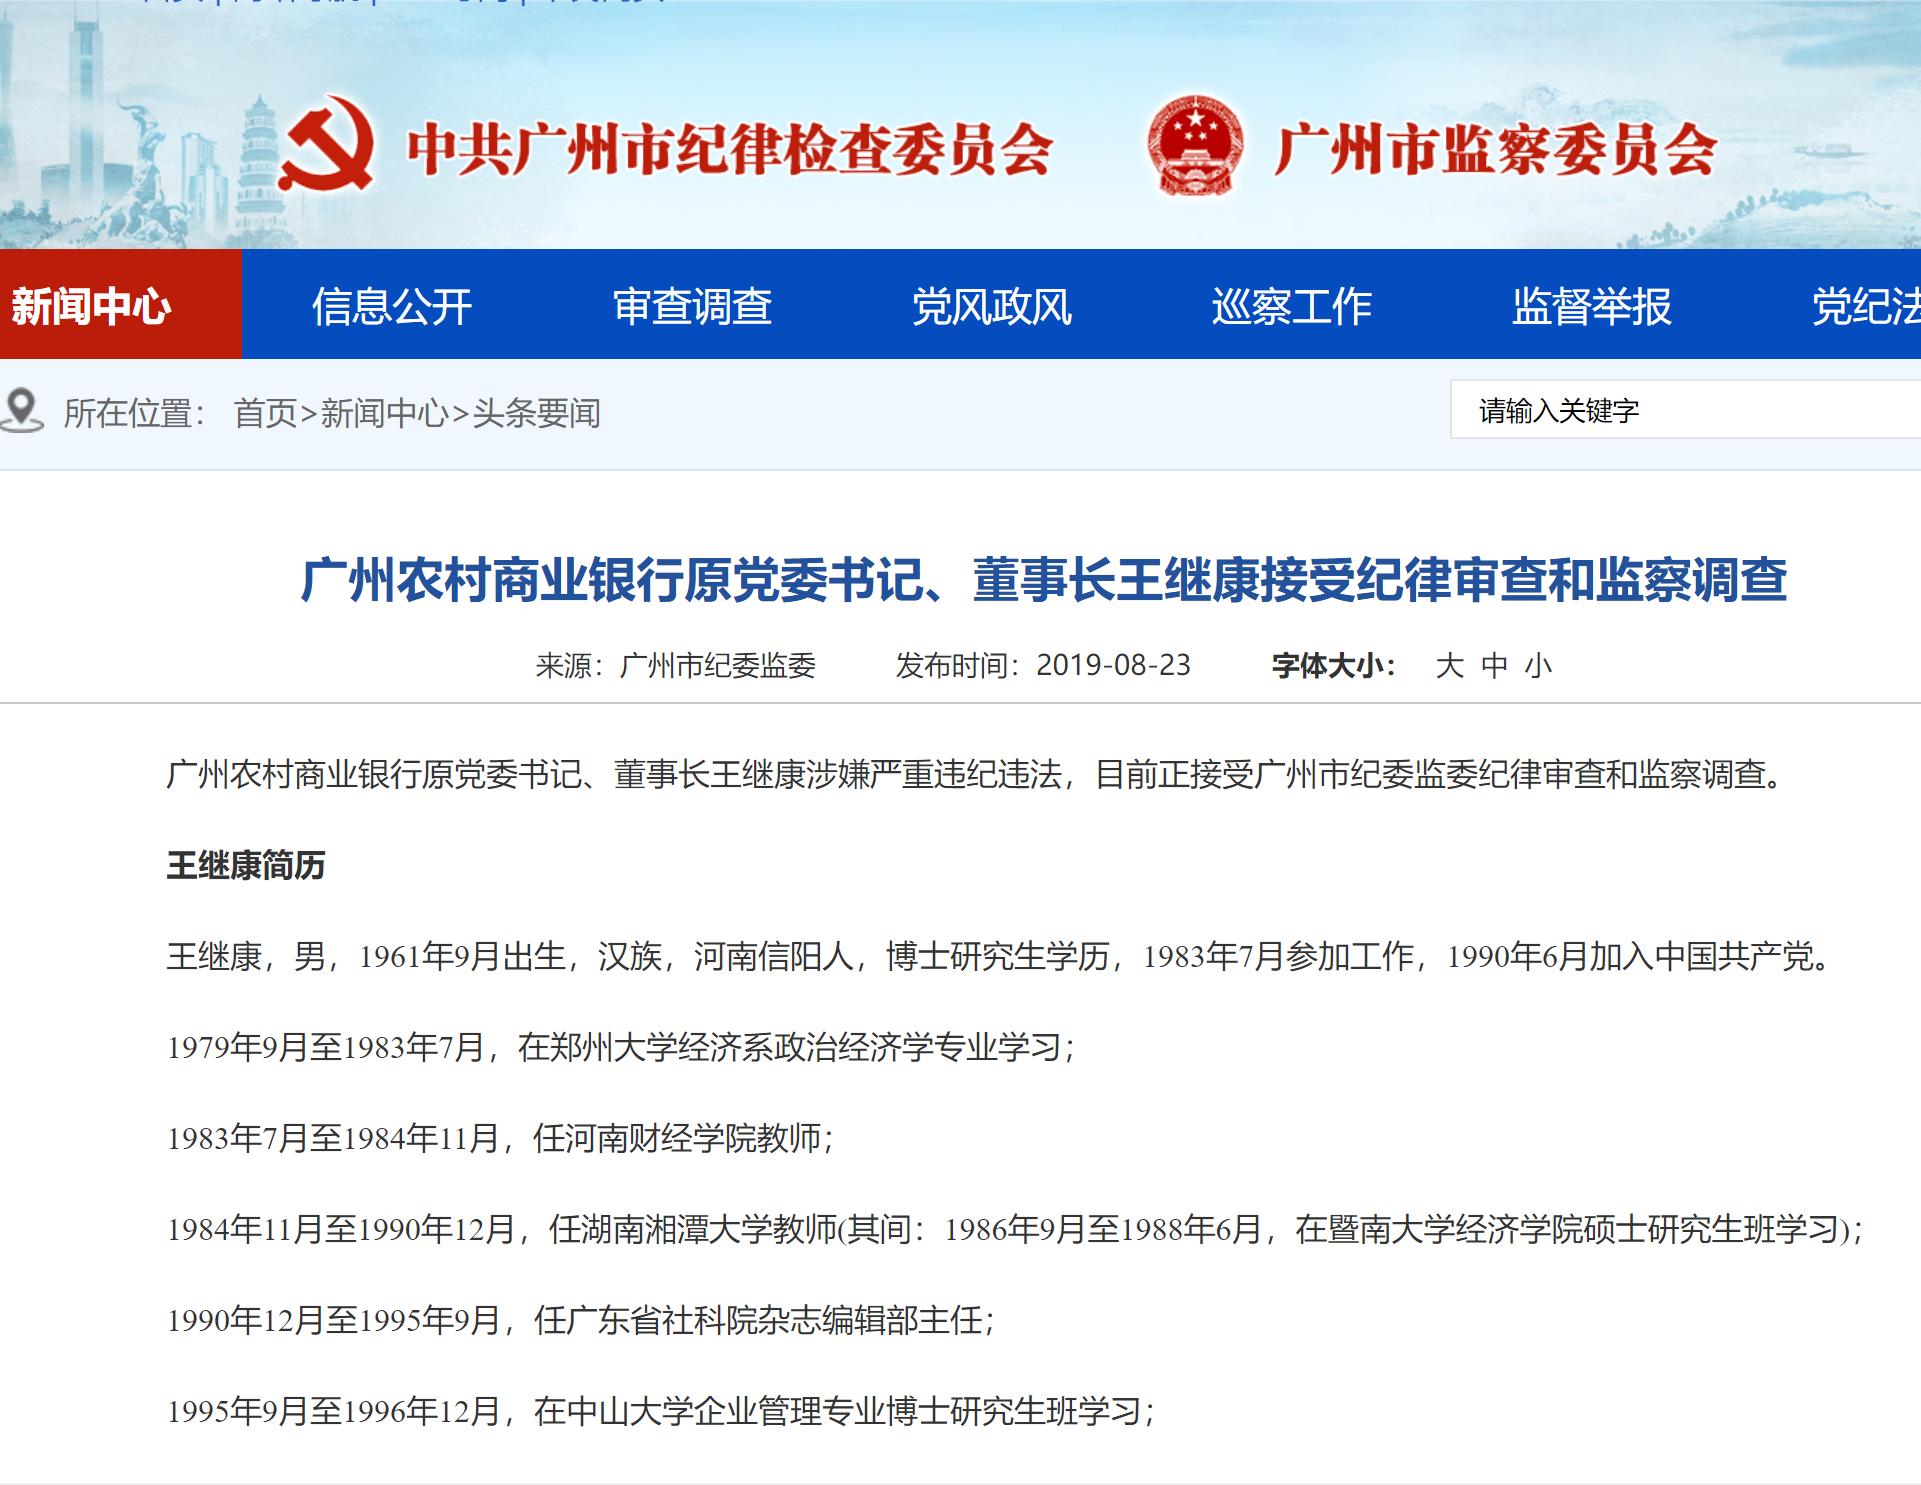 广州农商行前董事长正接受调查